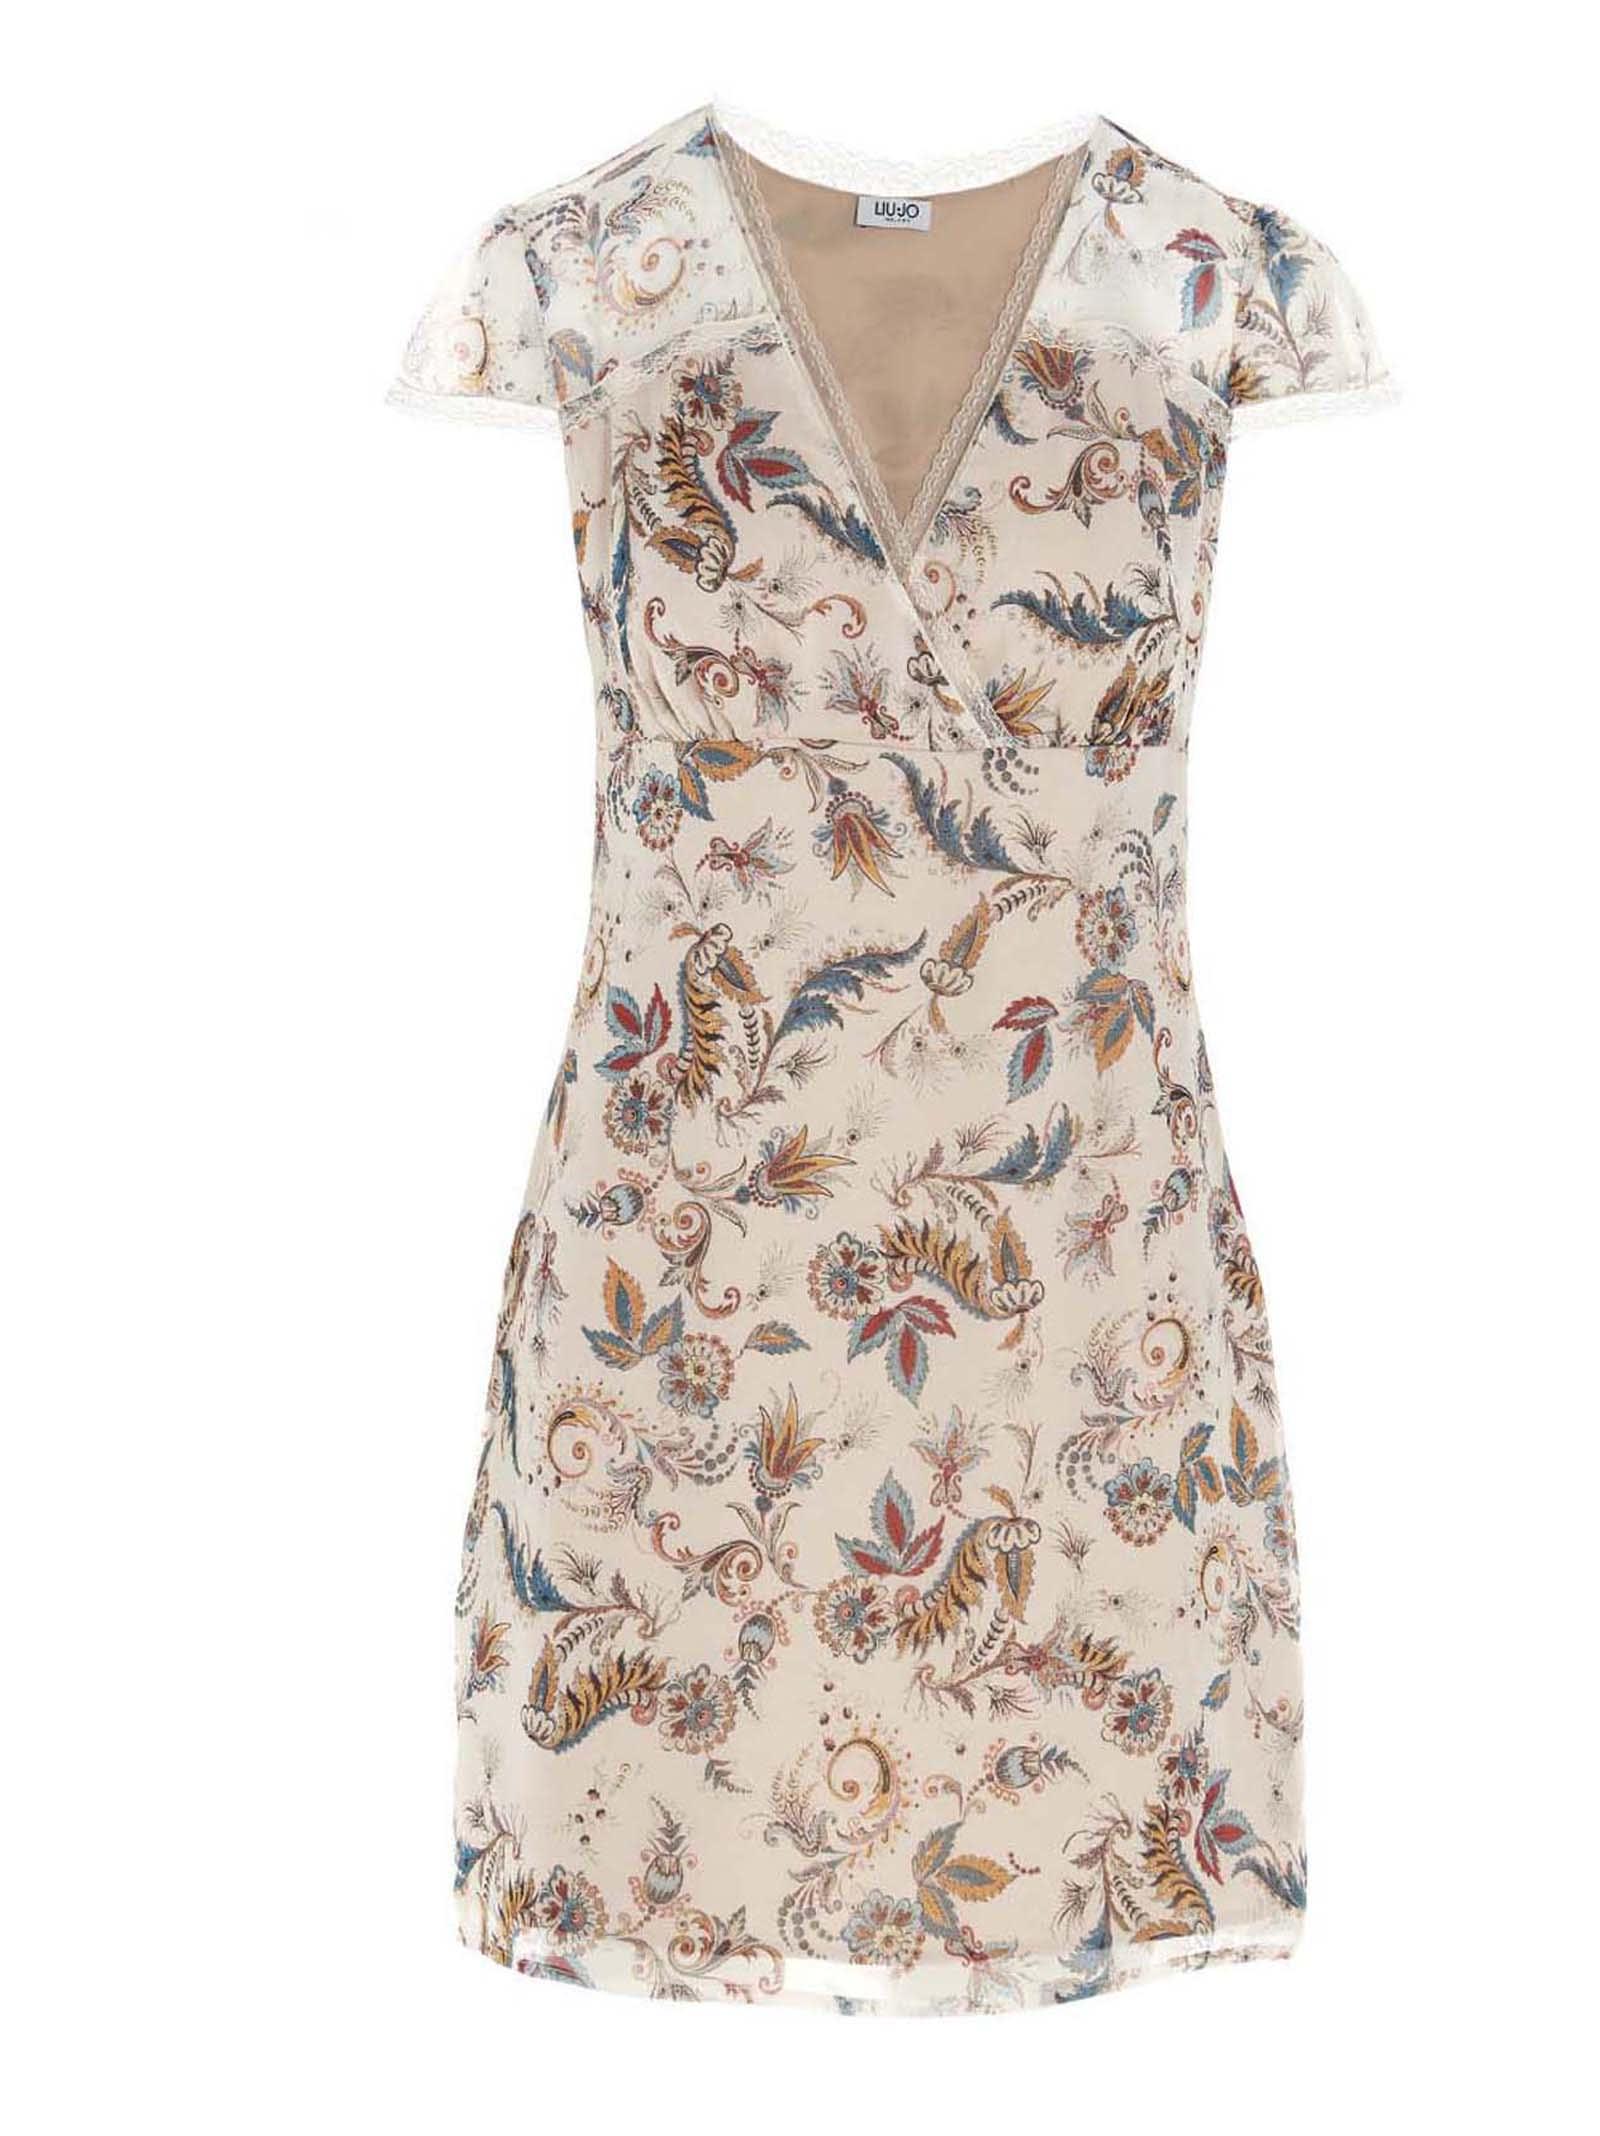 Liu •jo Silks LIU-JO SUMMER PAISLEY DRESS